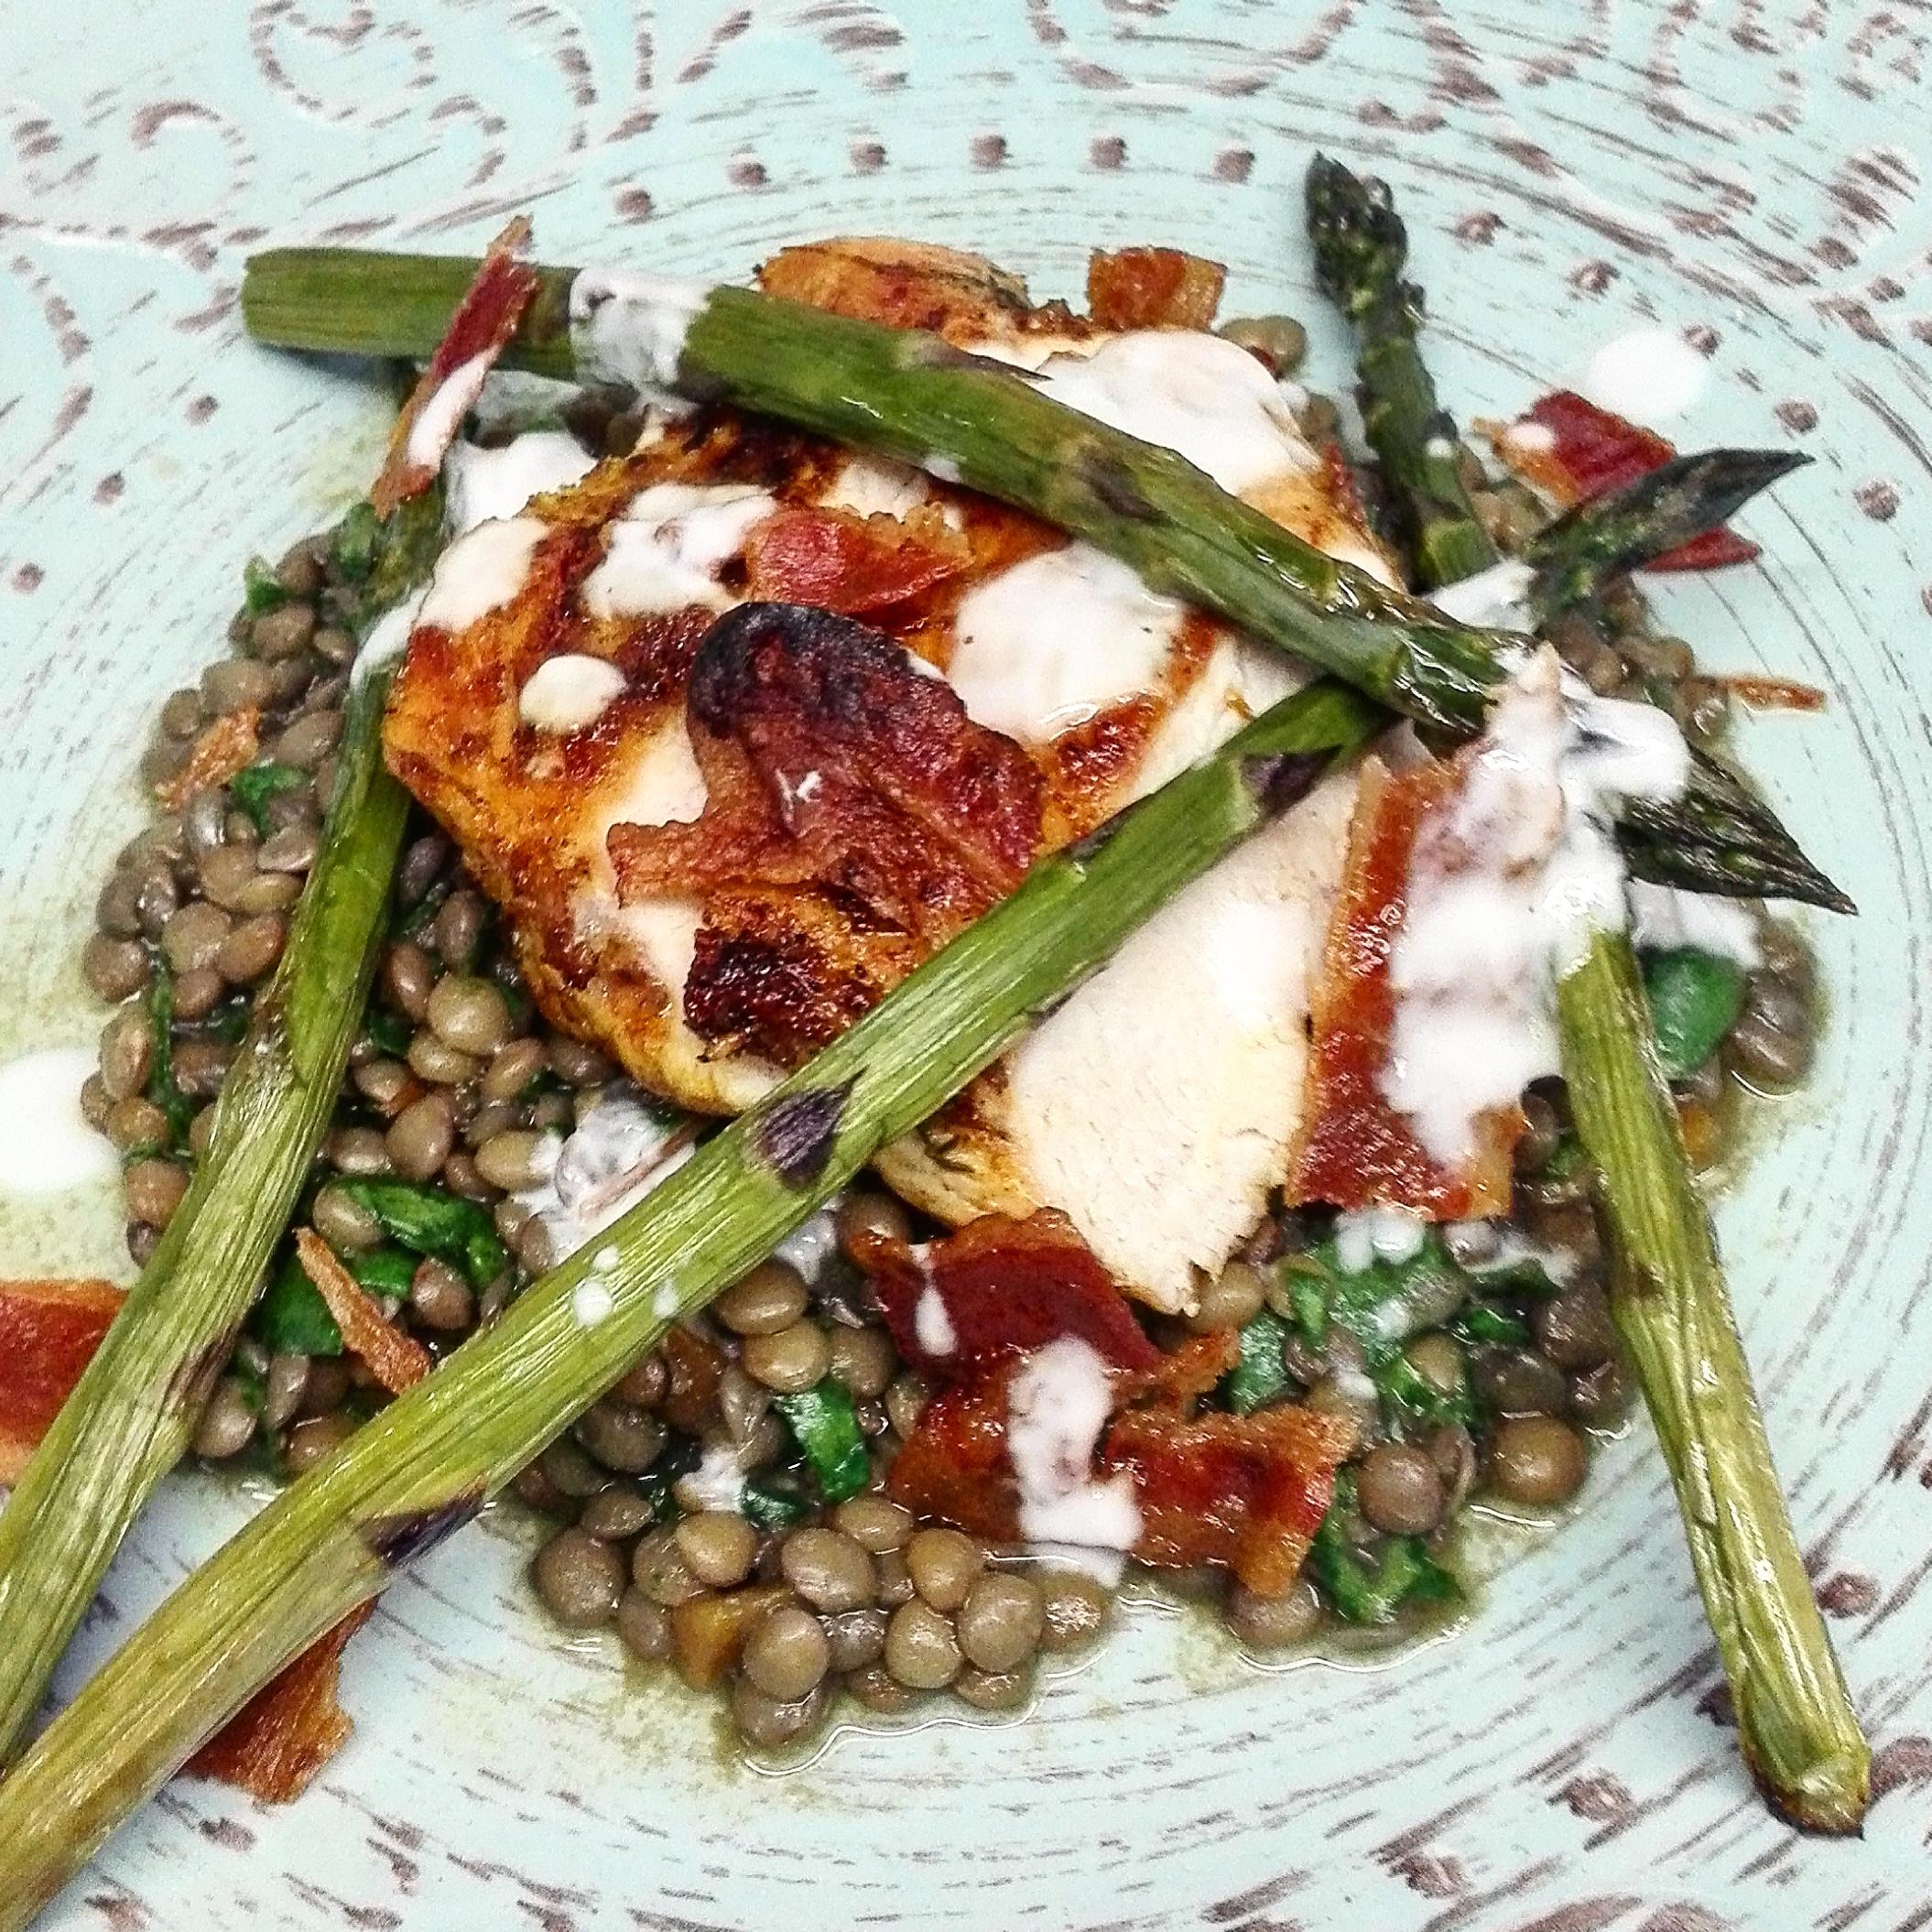 Pollo speziato, lenticchie asparagi e spinaci